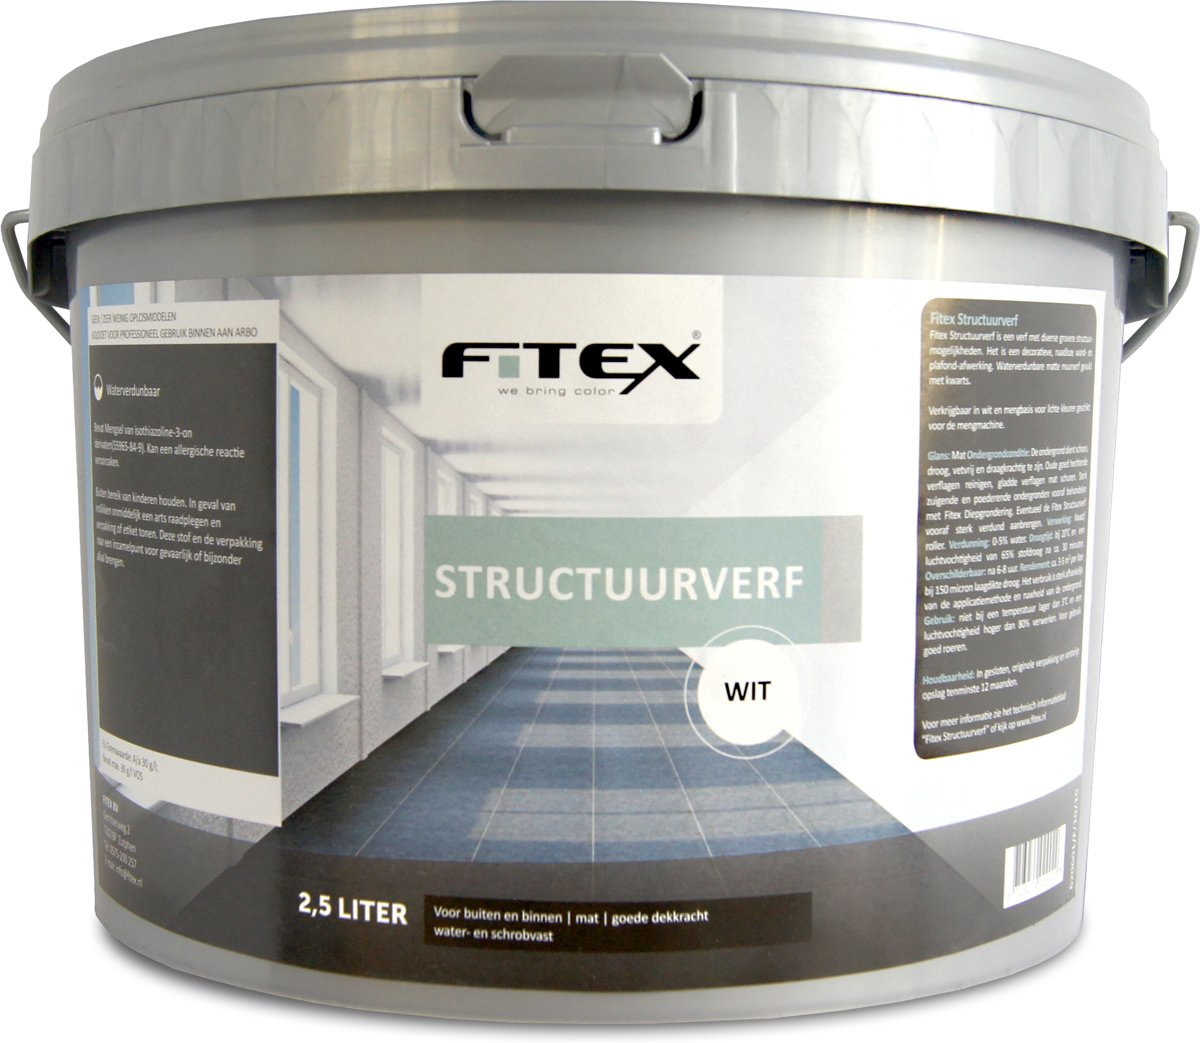 Fitex Structuurverf - Wit - 2,5 liter